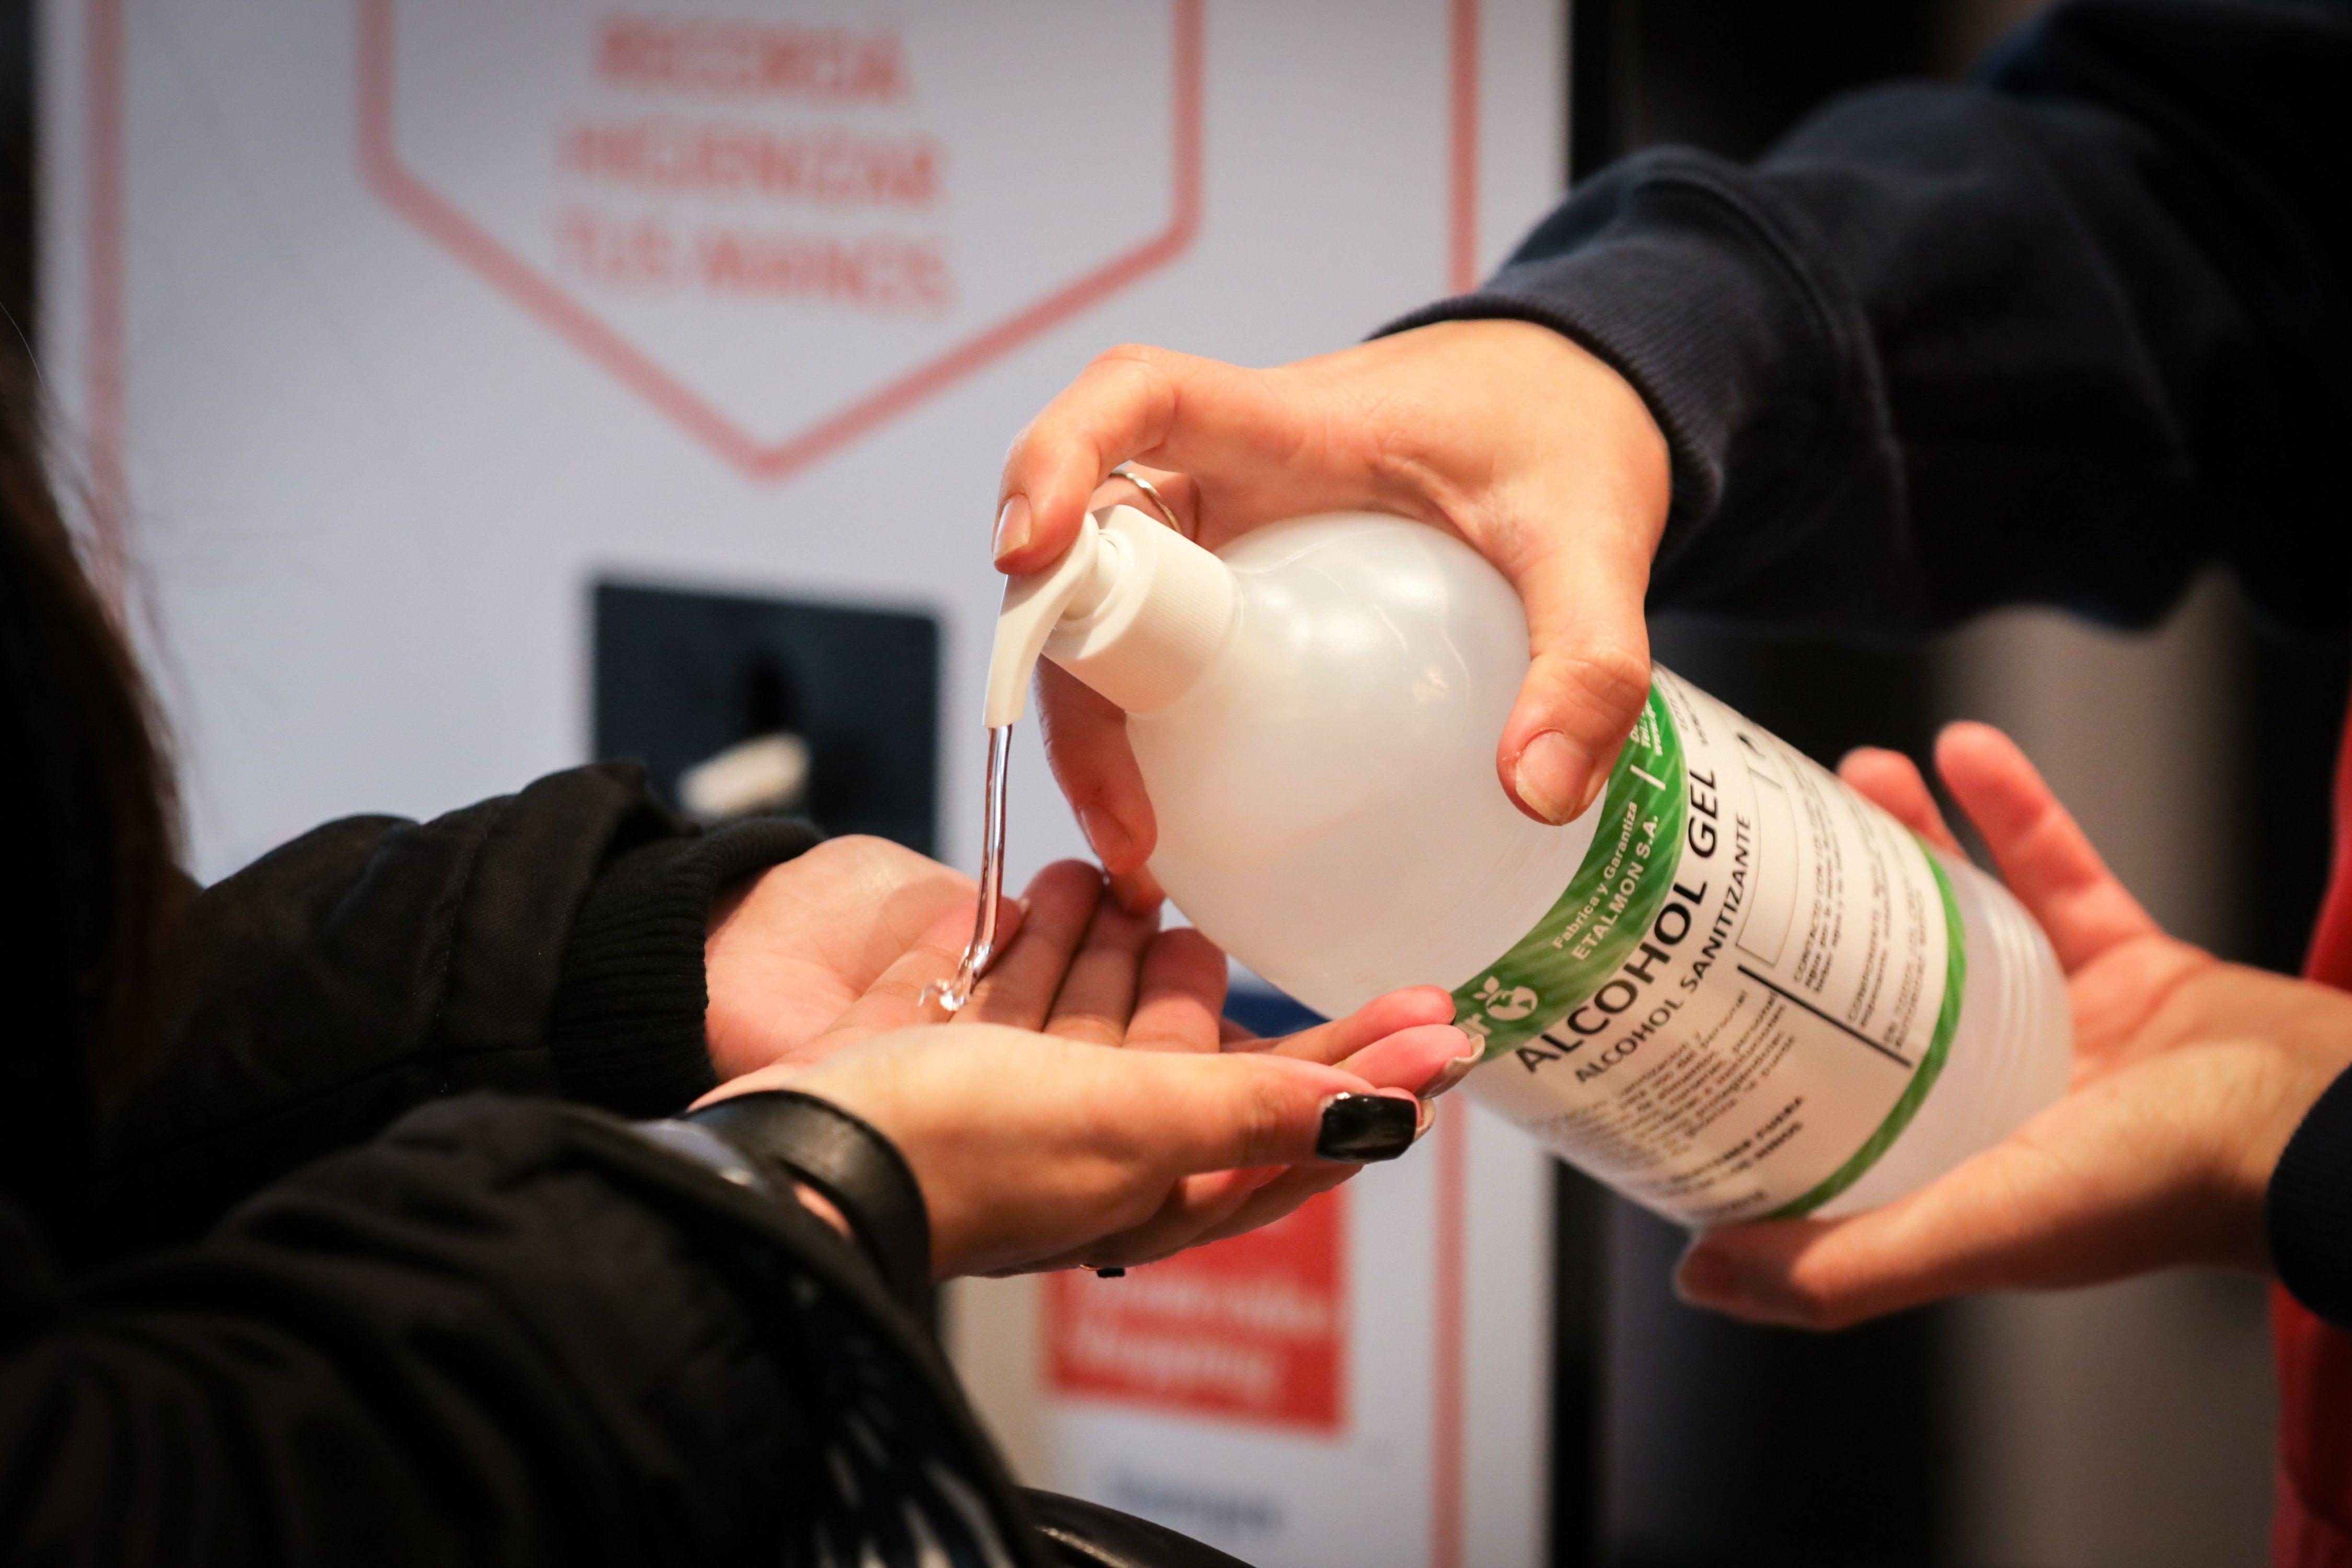 No se debe usar si las manos están visiblemente sucias o grasosas; en su lugar, hay que lavarse las manos con agua y jabón (REUTERS)